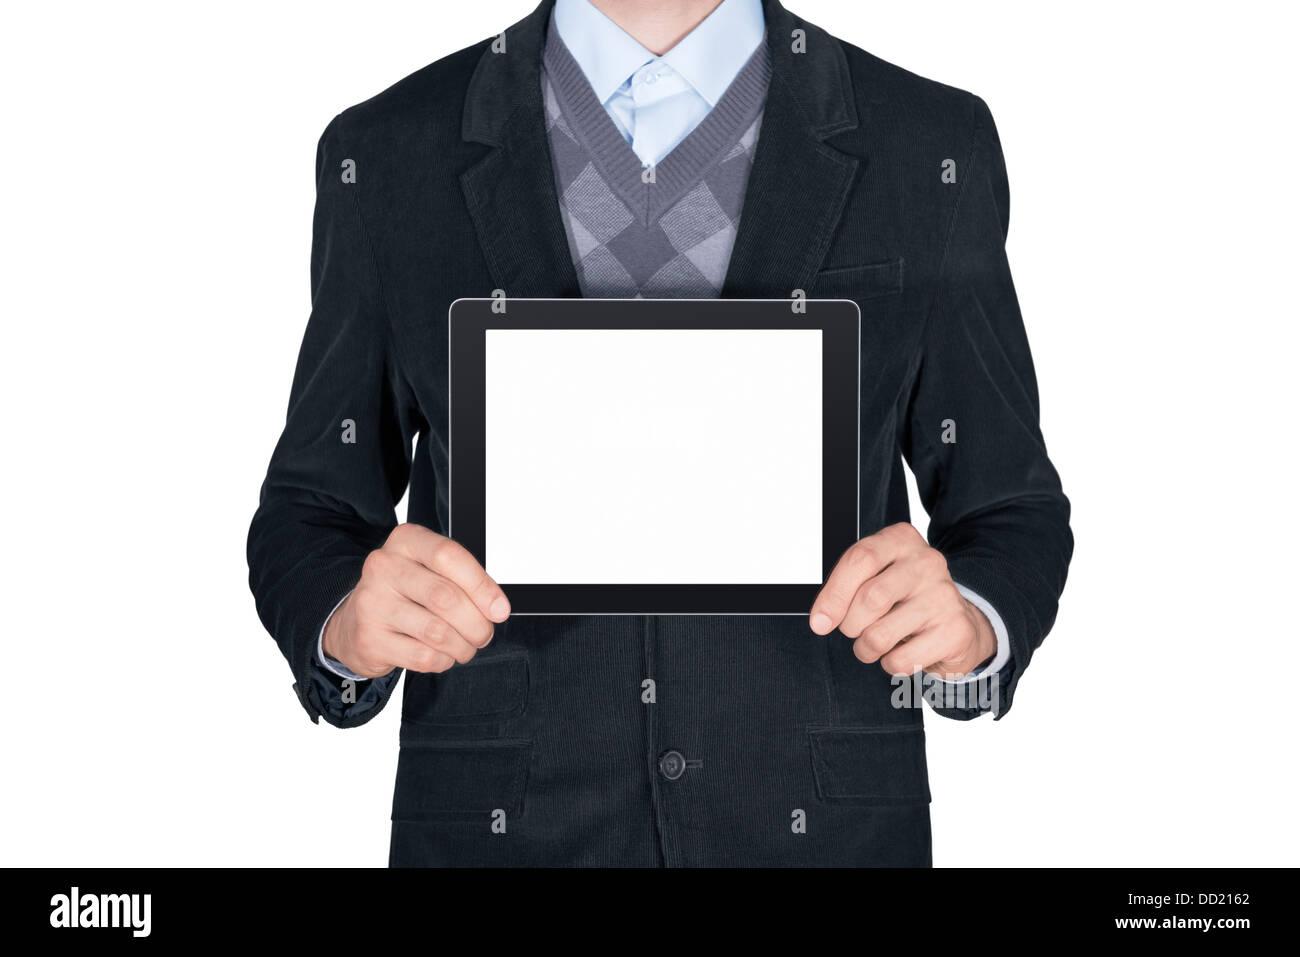 Joven con traje negro mostrando tableta digital moderna con pantalla en blanco. Aislado sobre fondo blanco. Foto de stock